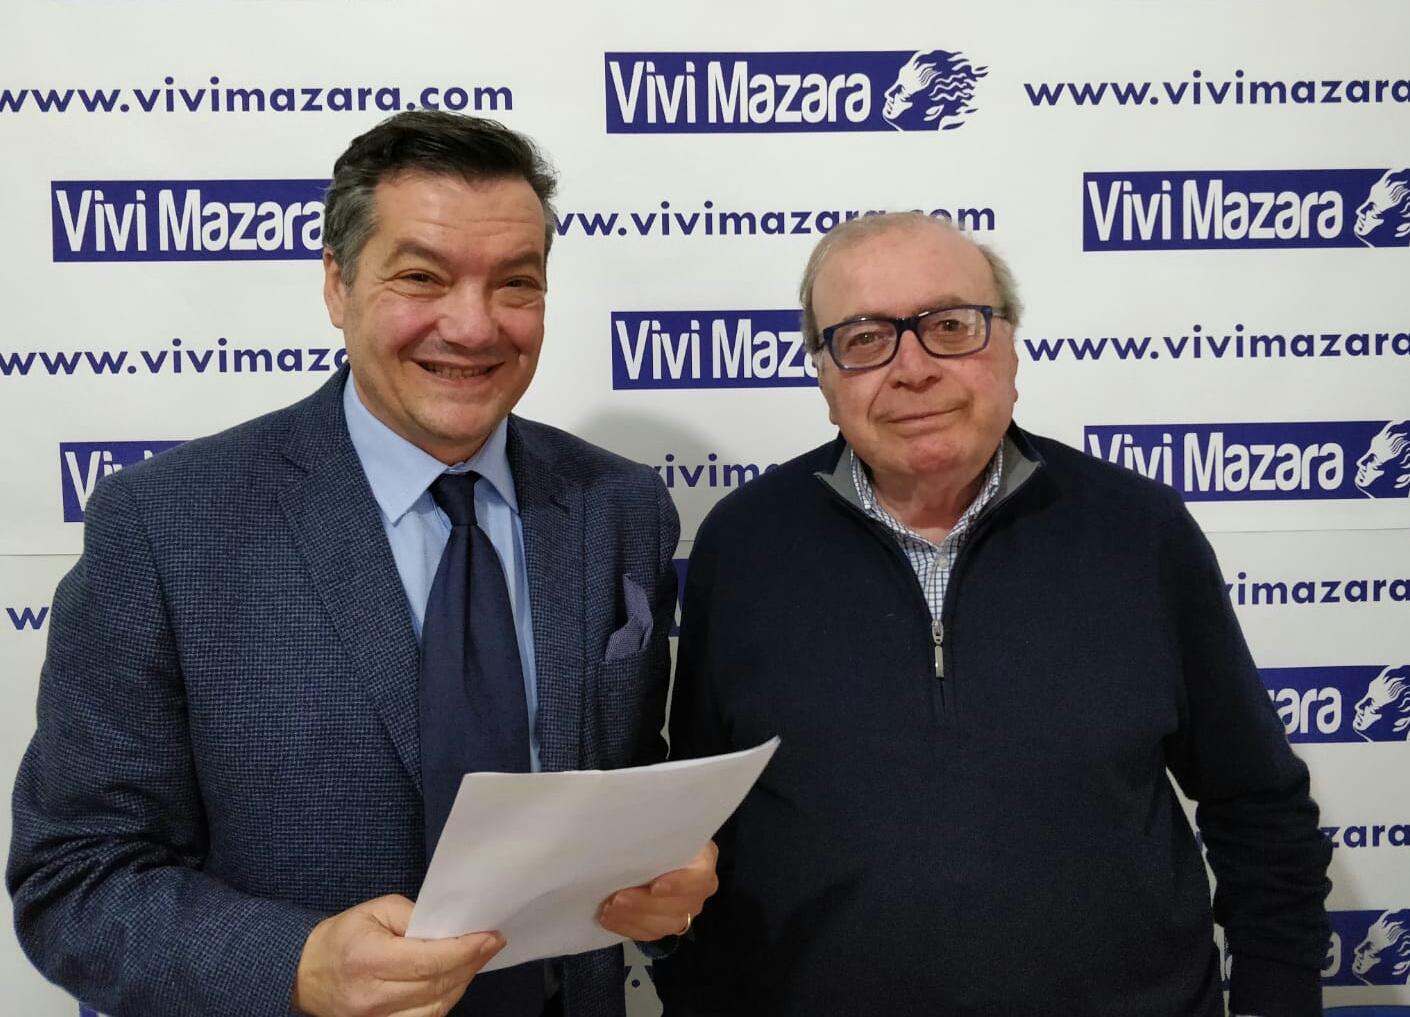 Mazara: AMMINISTRATIVE 2019, L'ANALISI POLITICA DEL GIORNALISTA SALVATORE GIACALONE